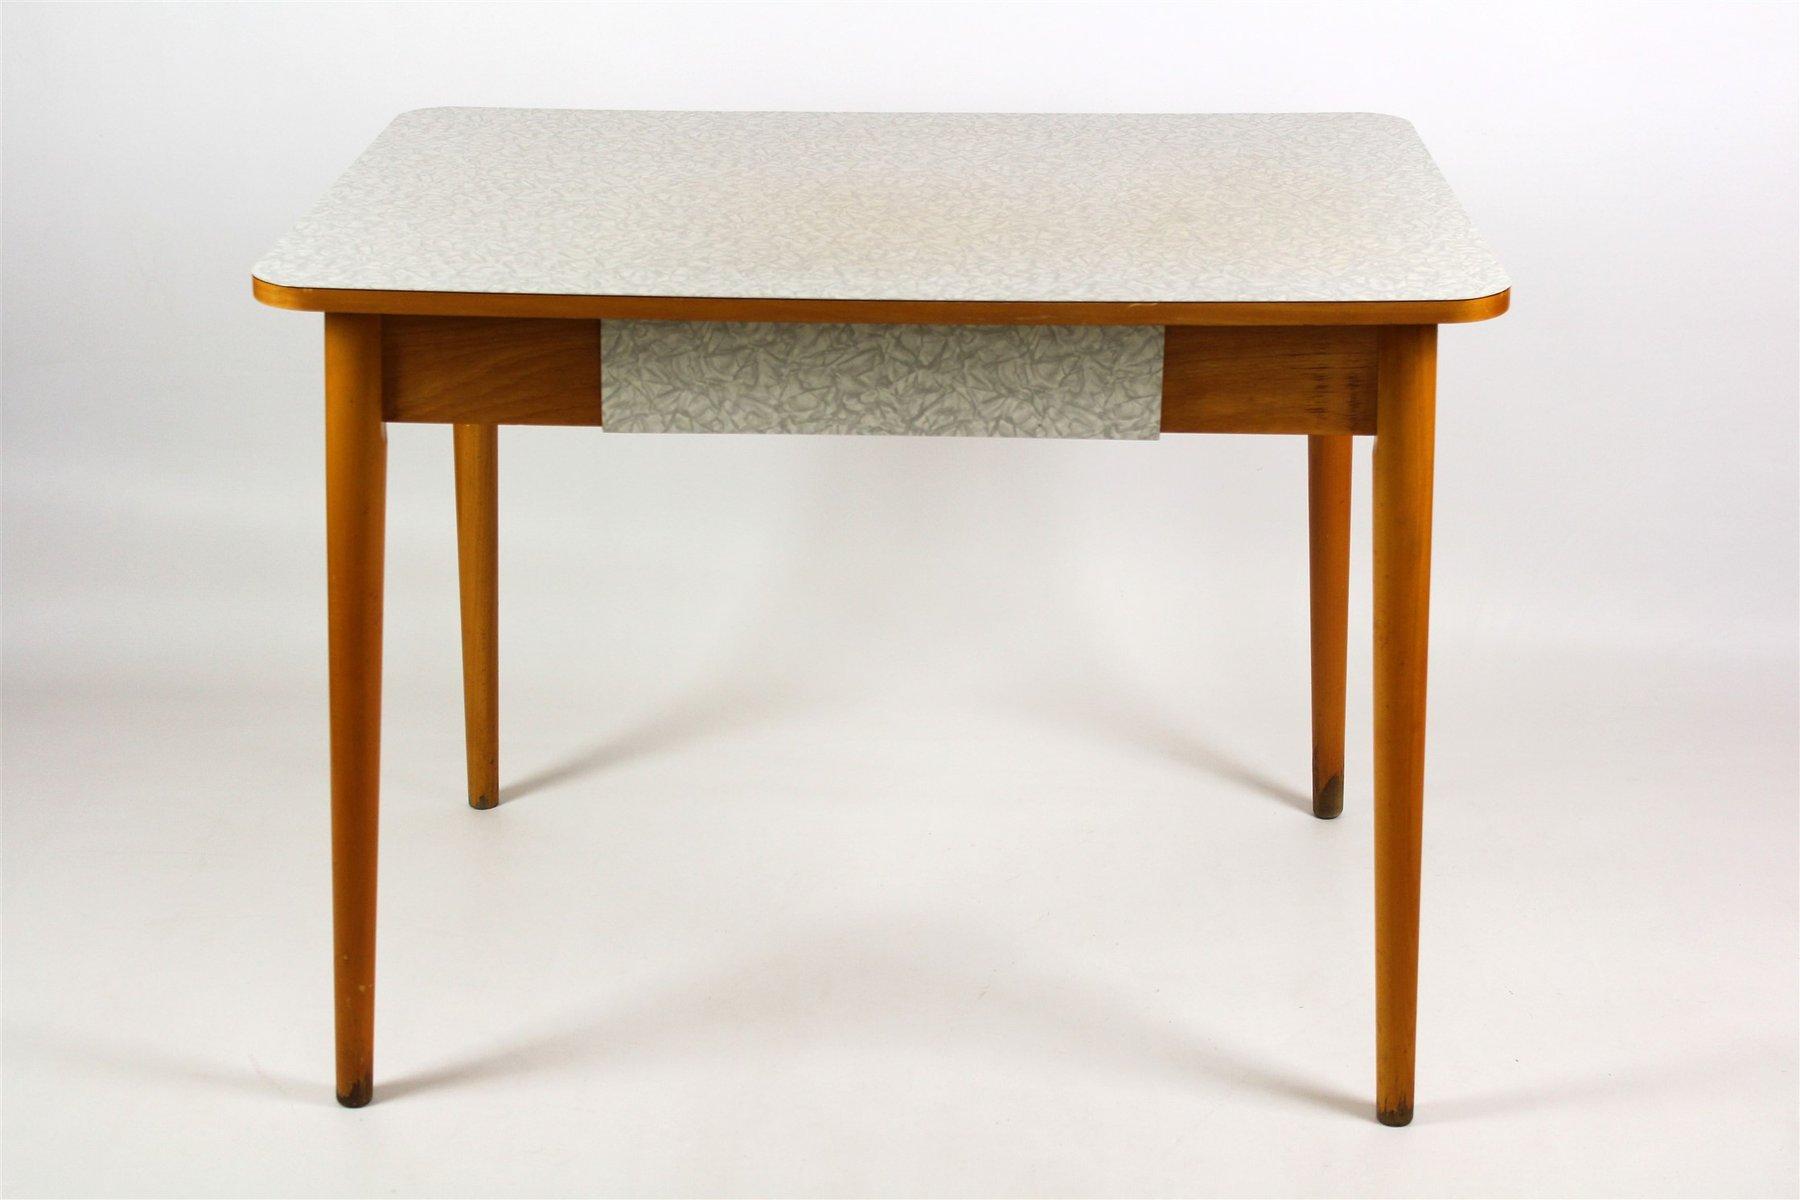 Tavolo da cucina in legno di formica di Jitona, anni \'60